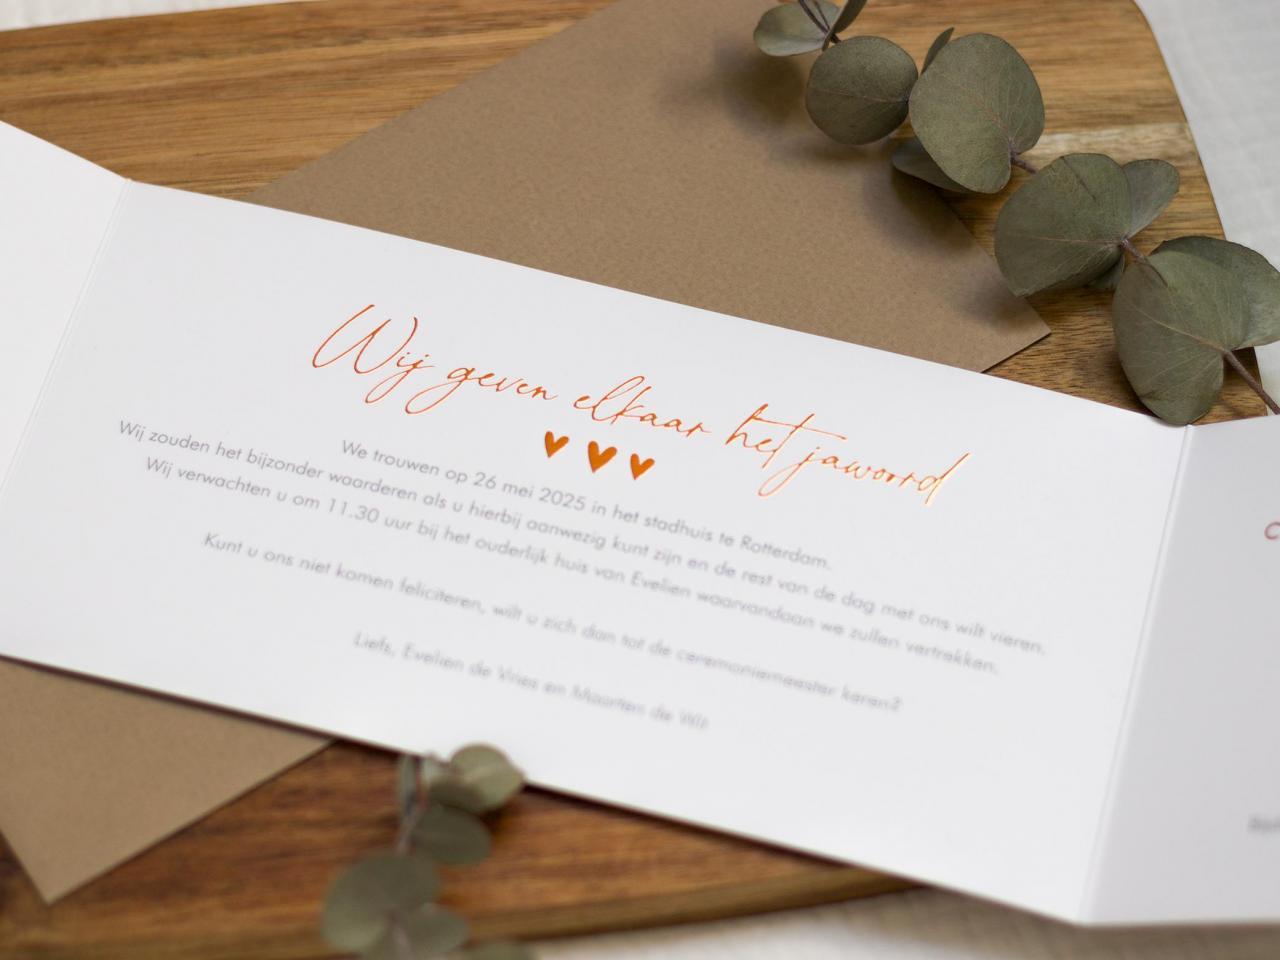 Tweeluik trouwkaart met waterverf en koperfolie trouwkaart Stijlvol Brons zilver en goud Luxe Foto